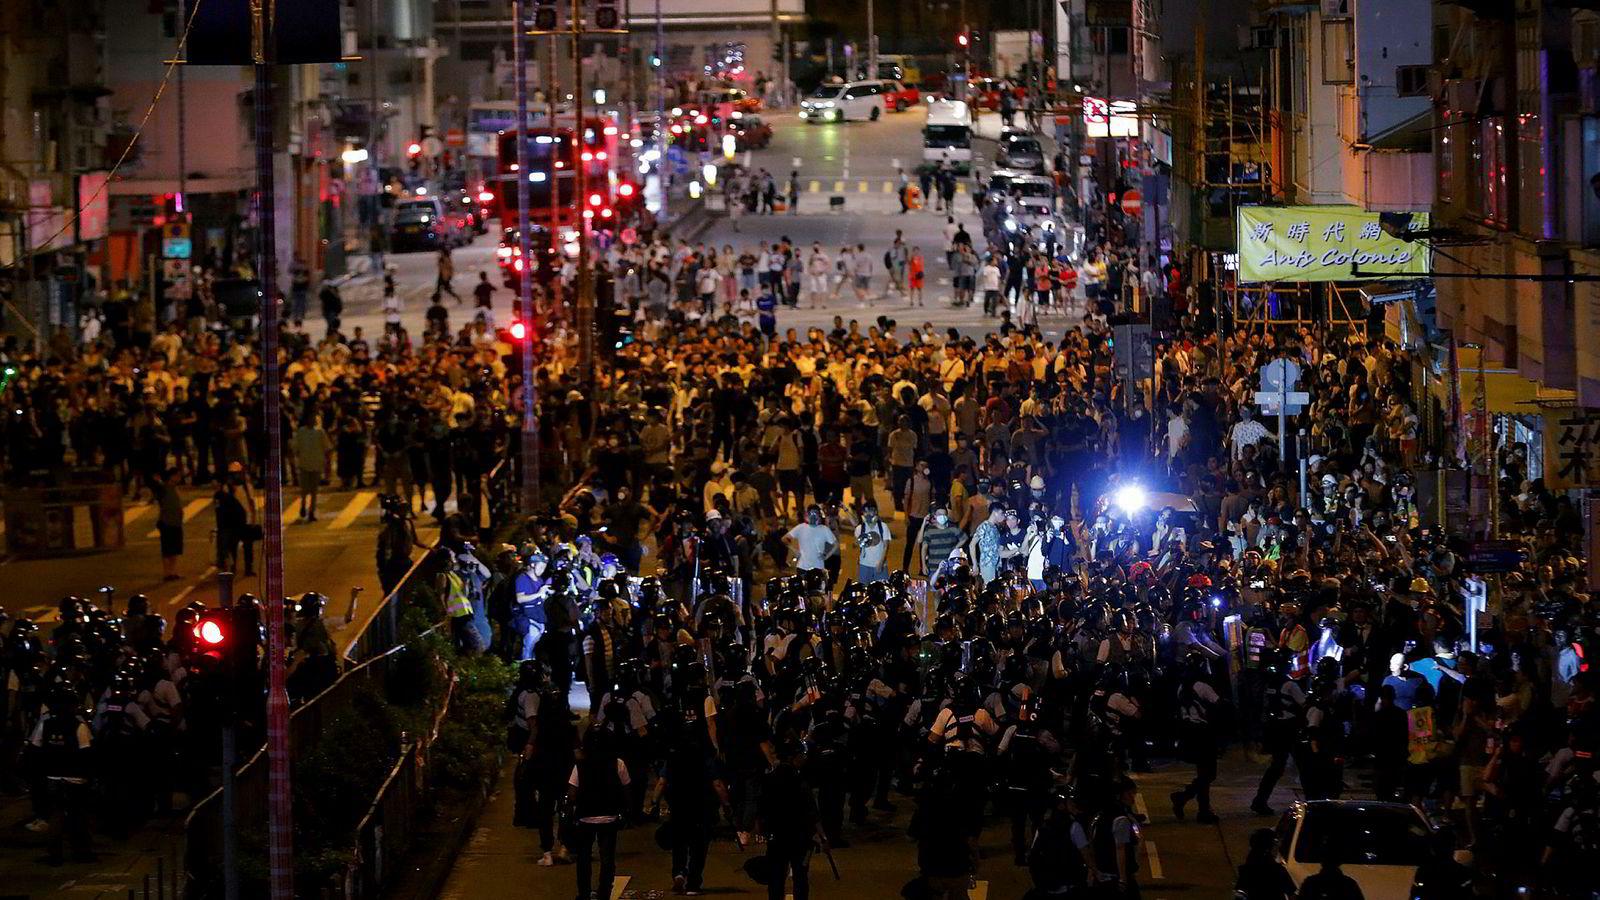 Gjennom fire måneder har store og små demonstrasjoner rammet Hongkong. Her fra en protest 7. august.